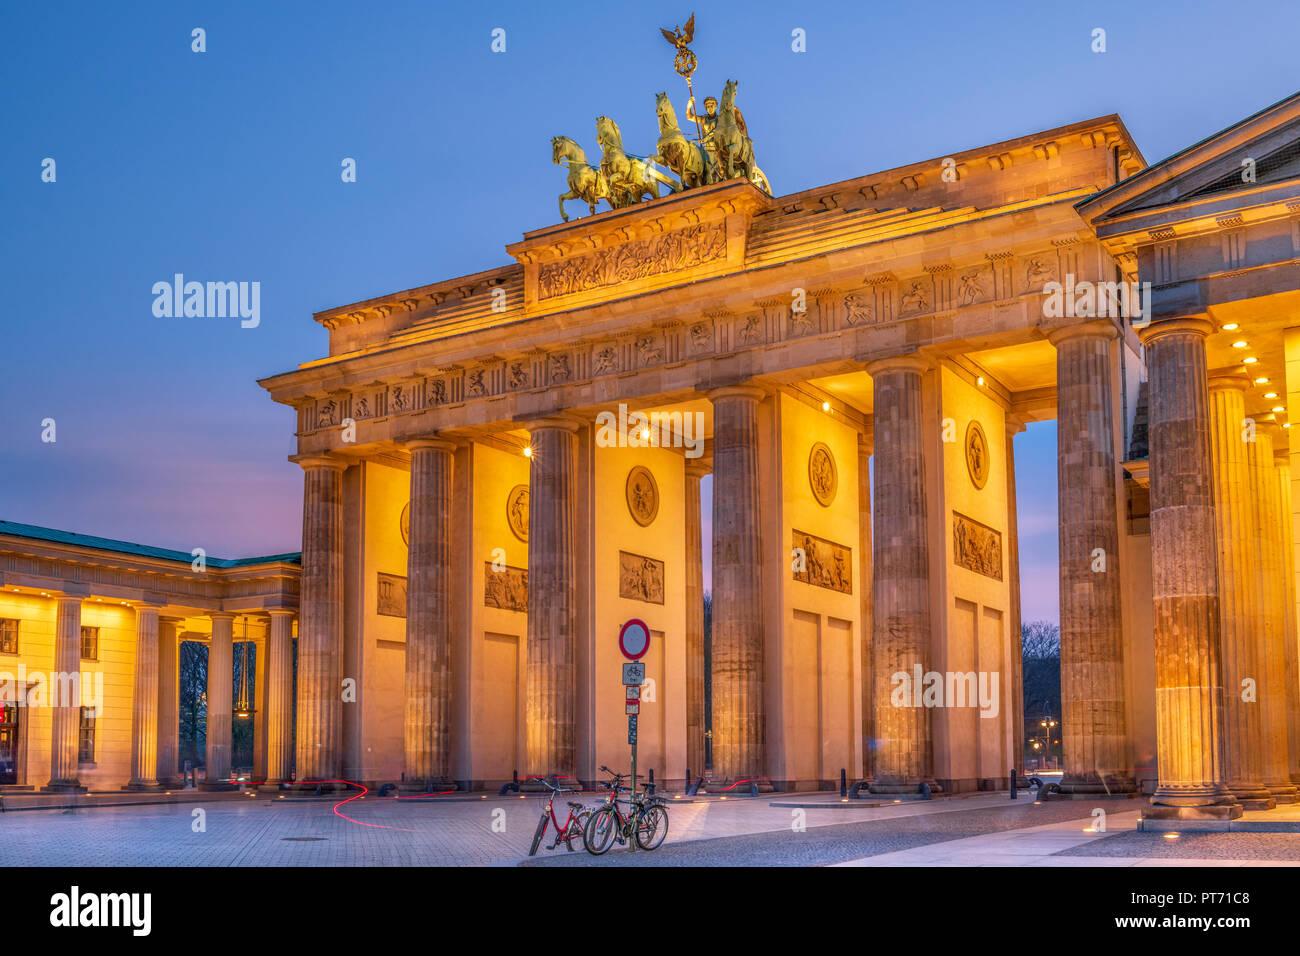 La porte de Brandebourg est un 18ème siècle classé monument historique de style néoclassique situé à l'ouest de Pariser Platz dans la partie ouest de Berlin. Photo Stock